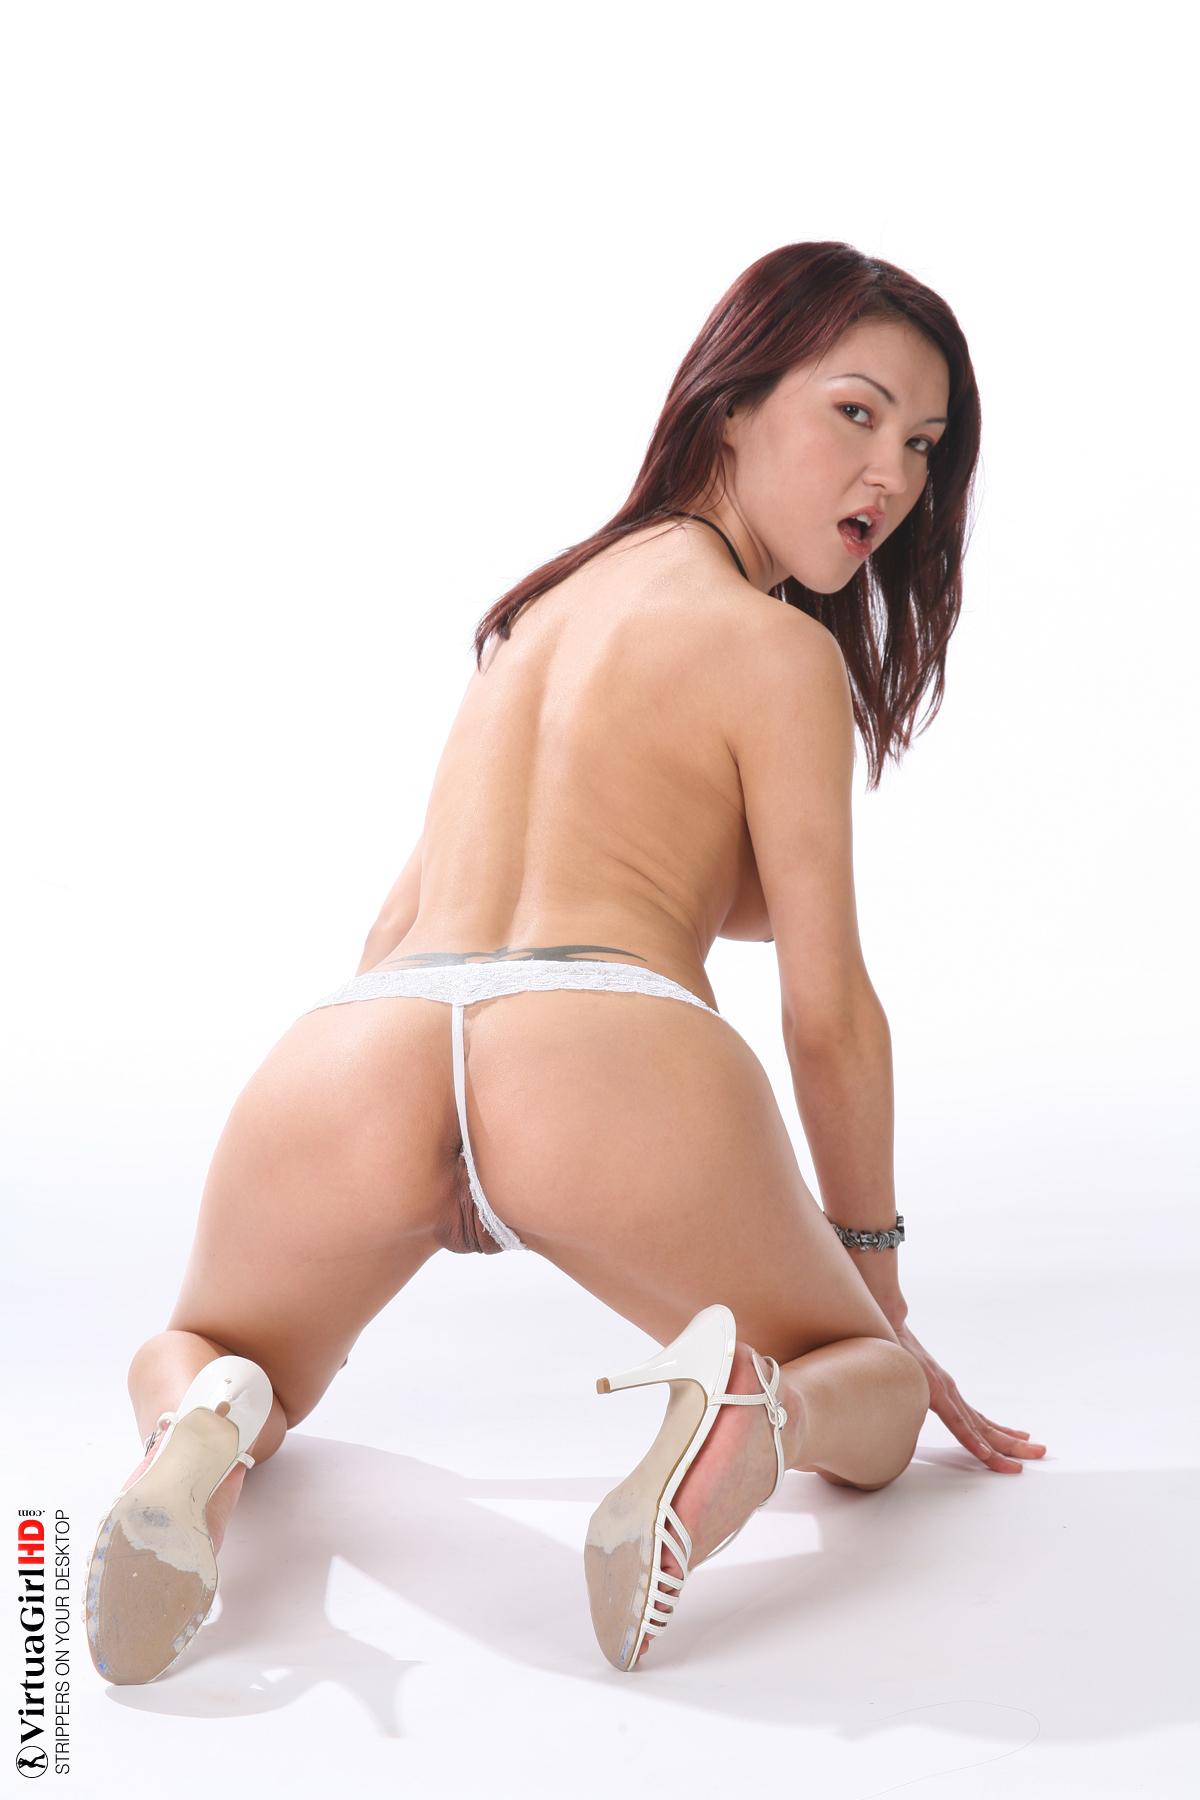 desktop yiff stripper